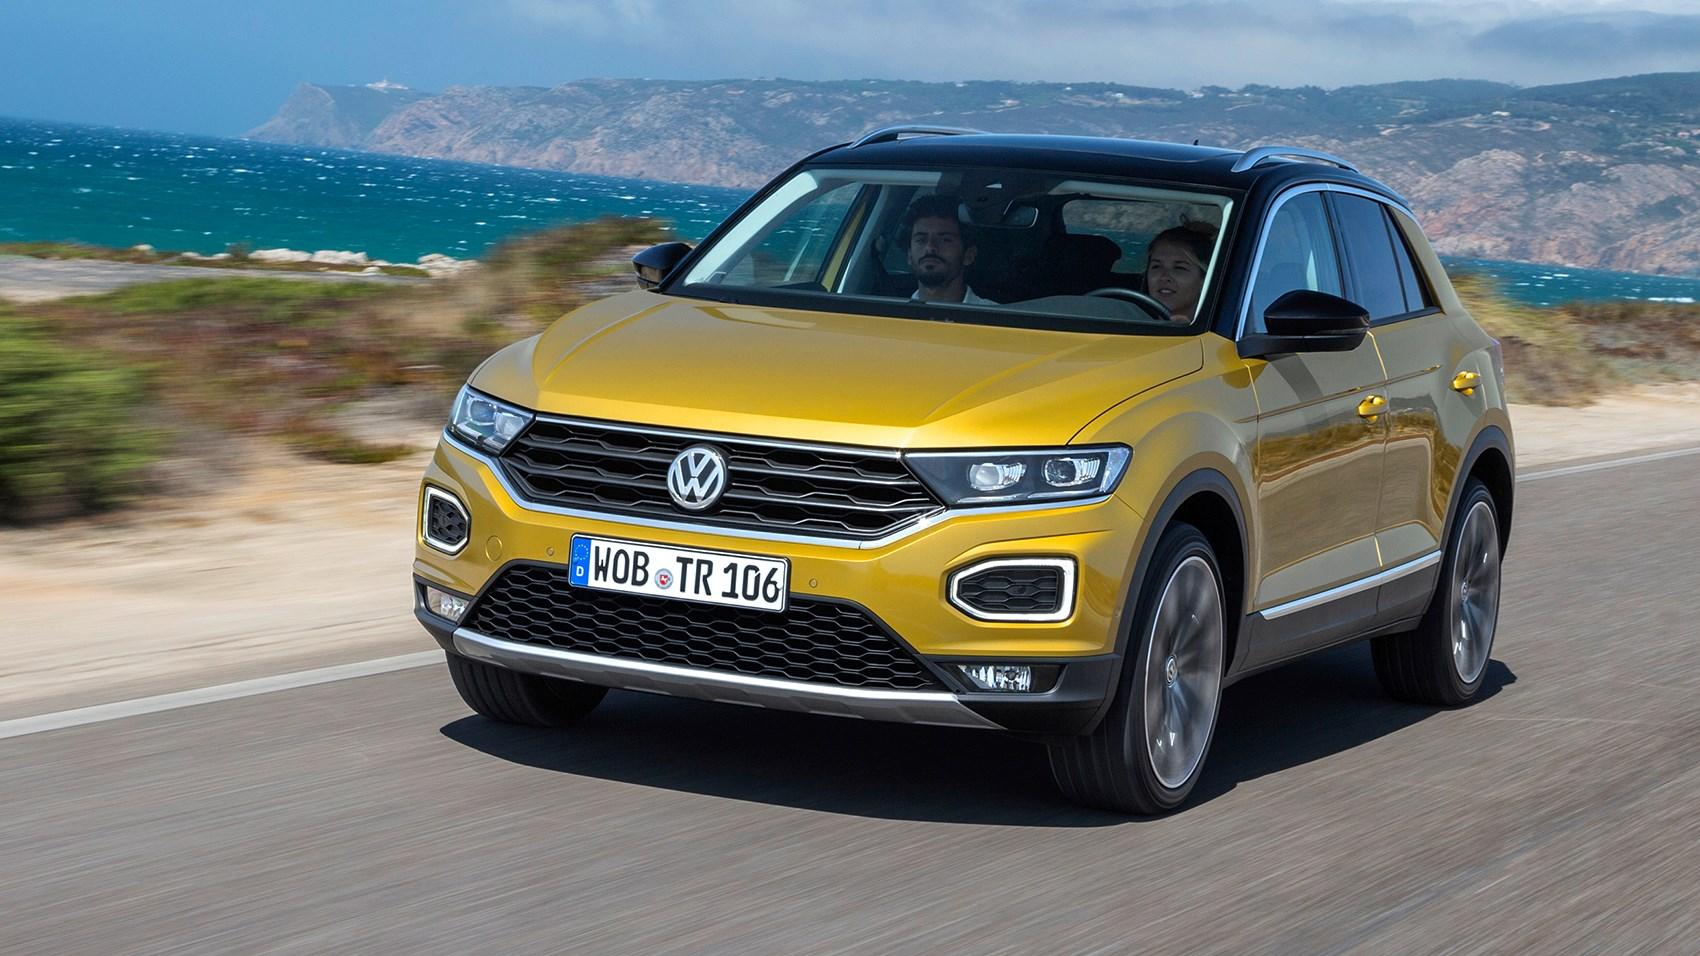 Vw Lease Deals >> VW T-Roc SUV (2017) review | CAR Magazine